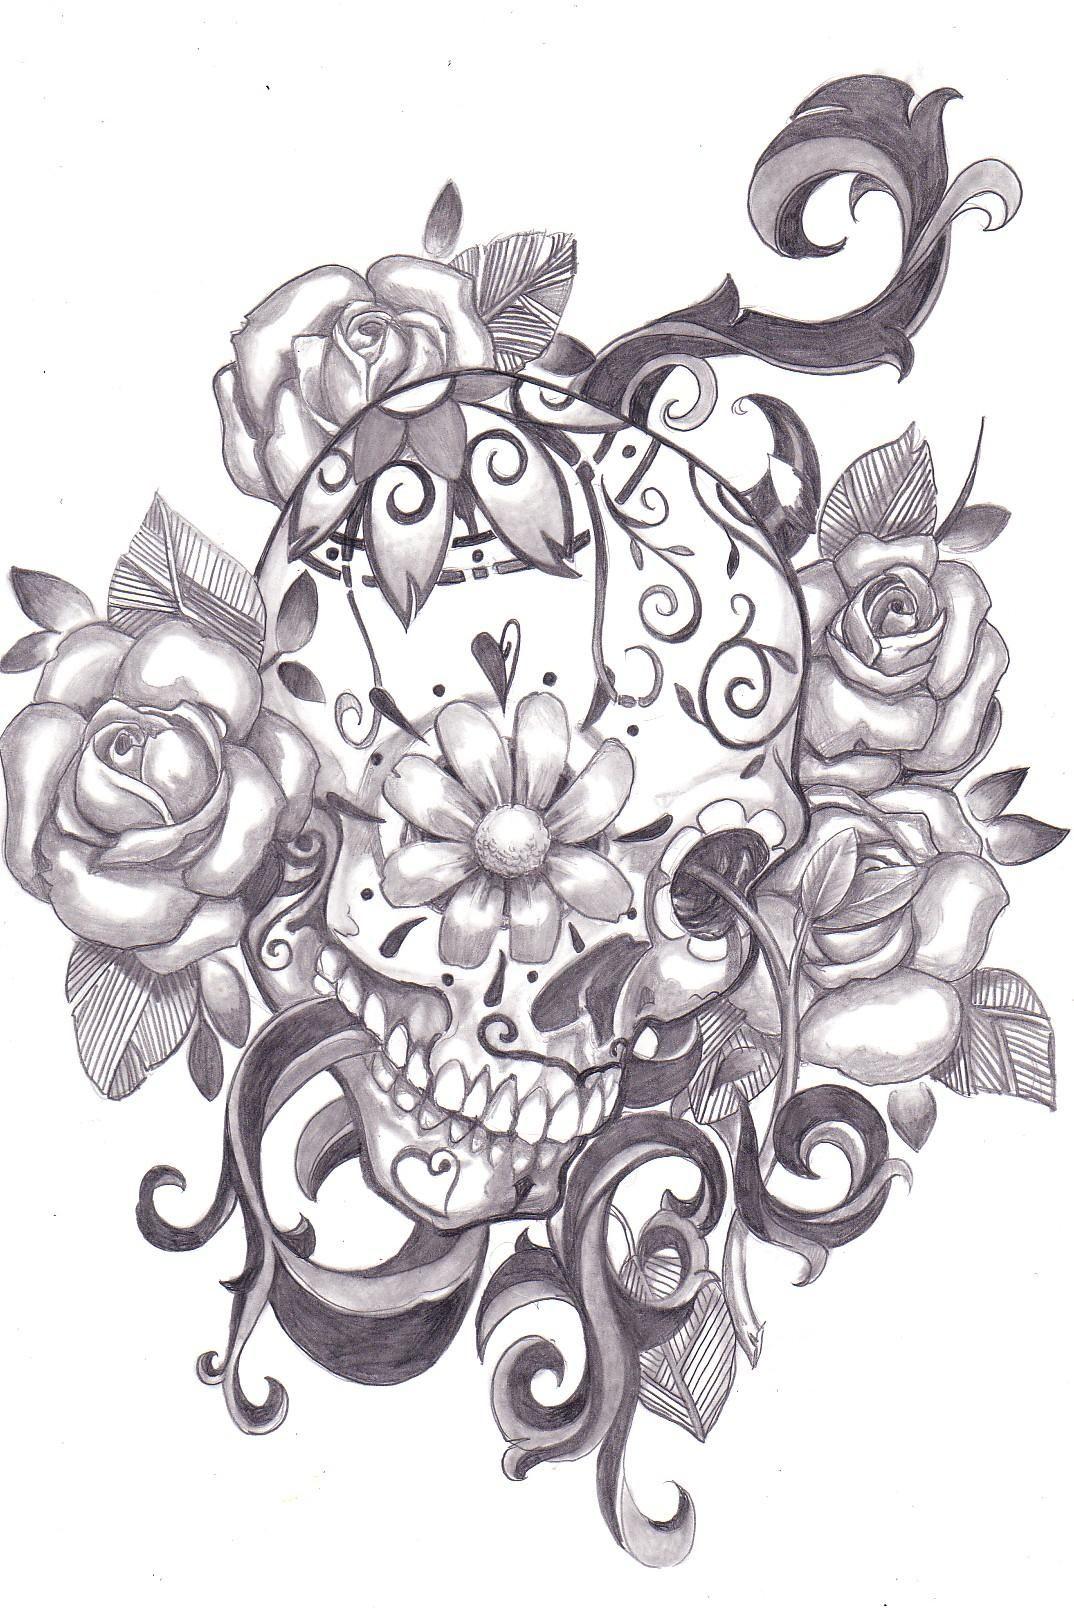 Tattoo Designs Skull Candy Tattoo Designs Sugar Skull Tattoos Tattoos Skull Tattoos